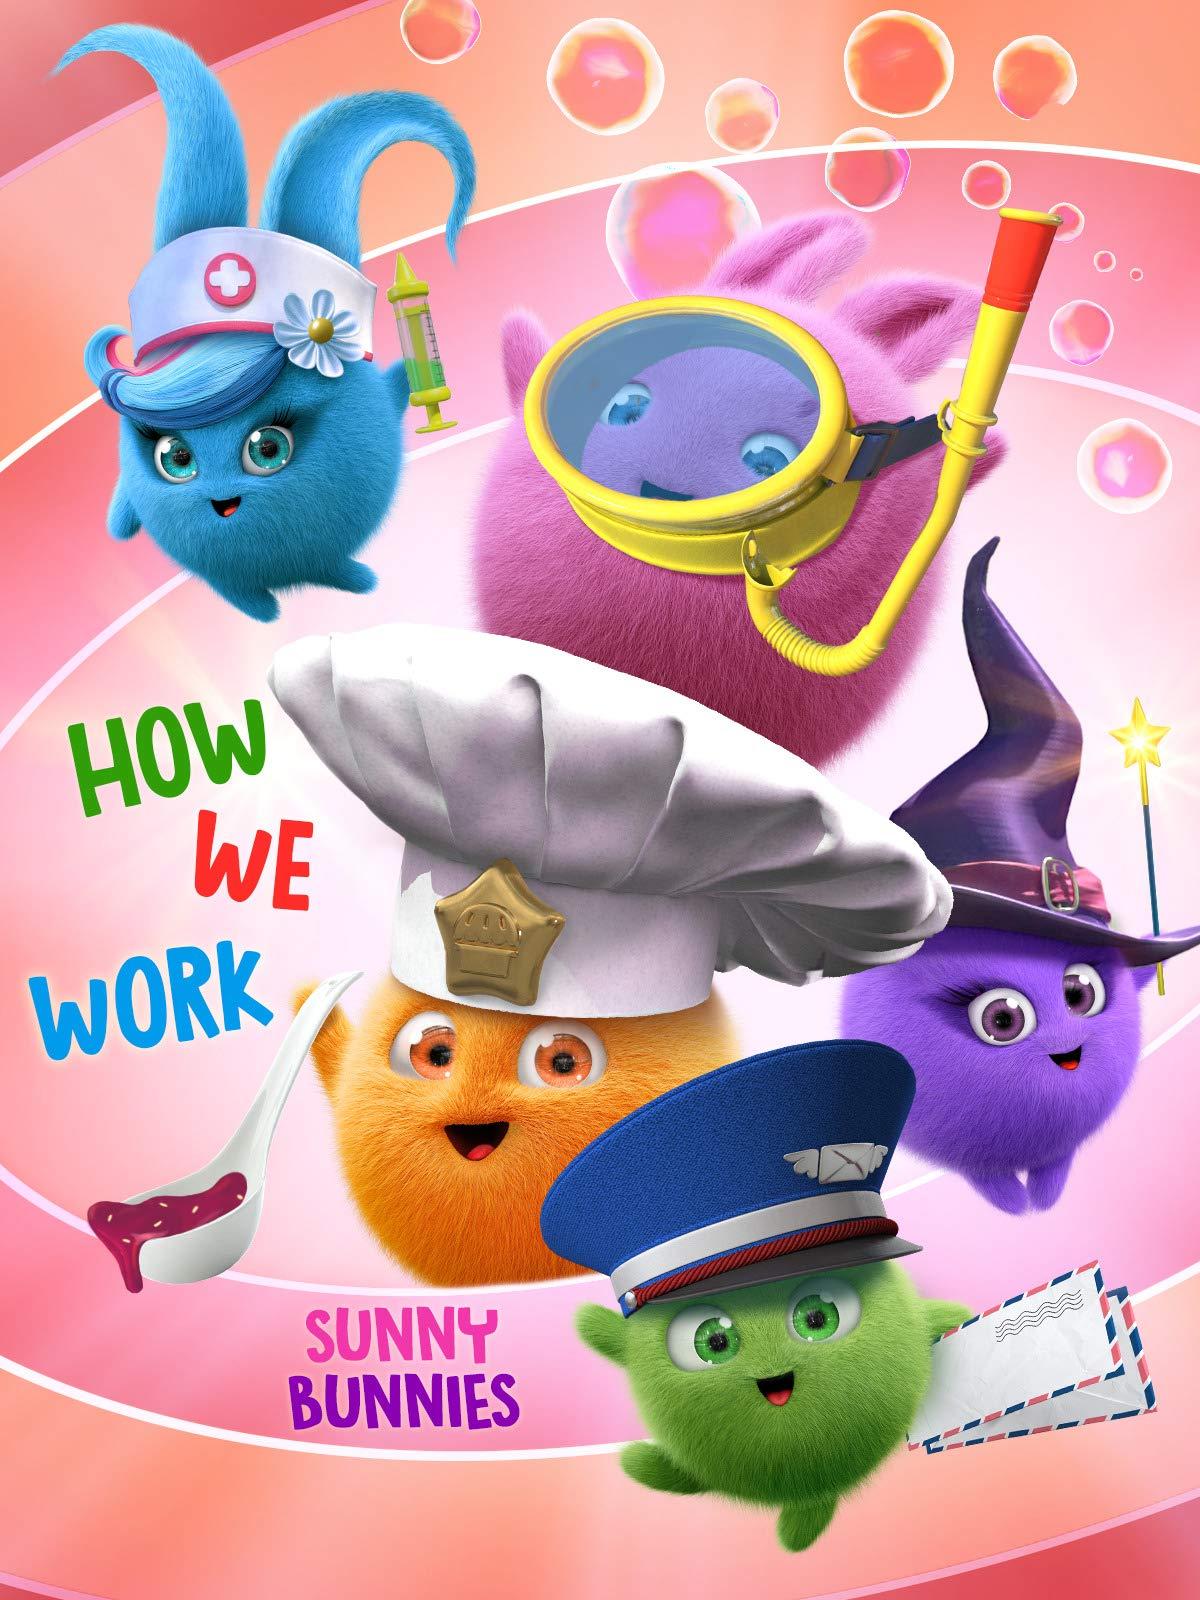 Sunny Bunnies - How We Work